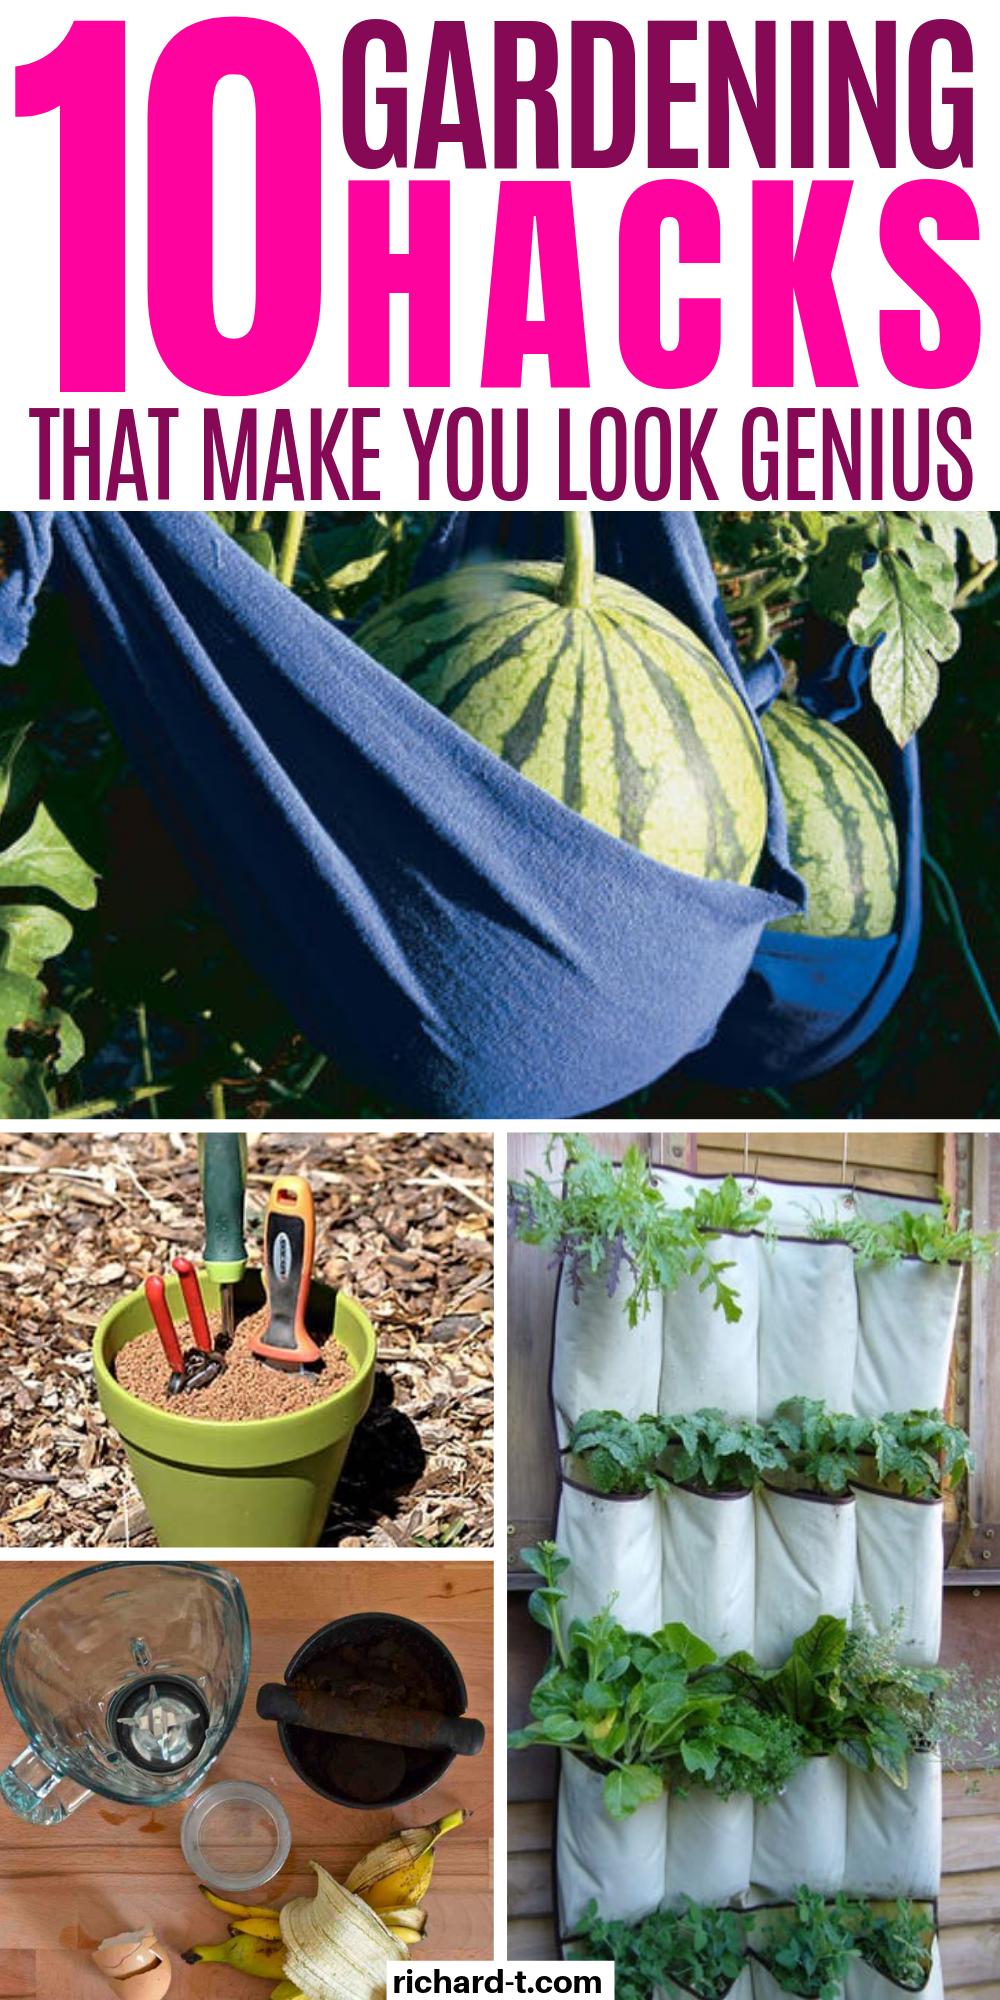 17 Clever Vegetable Garden Hacks With Images Veggie Garden